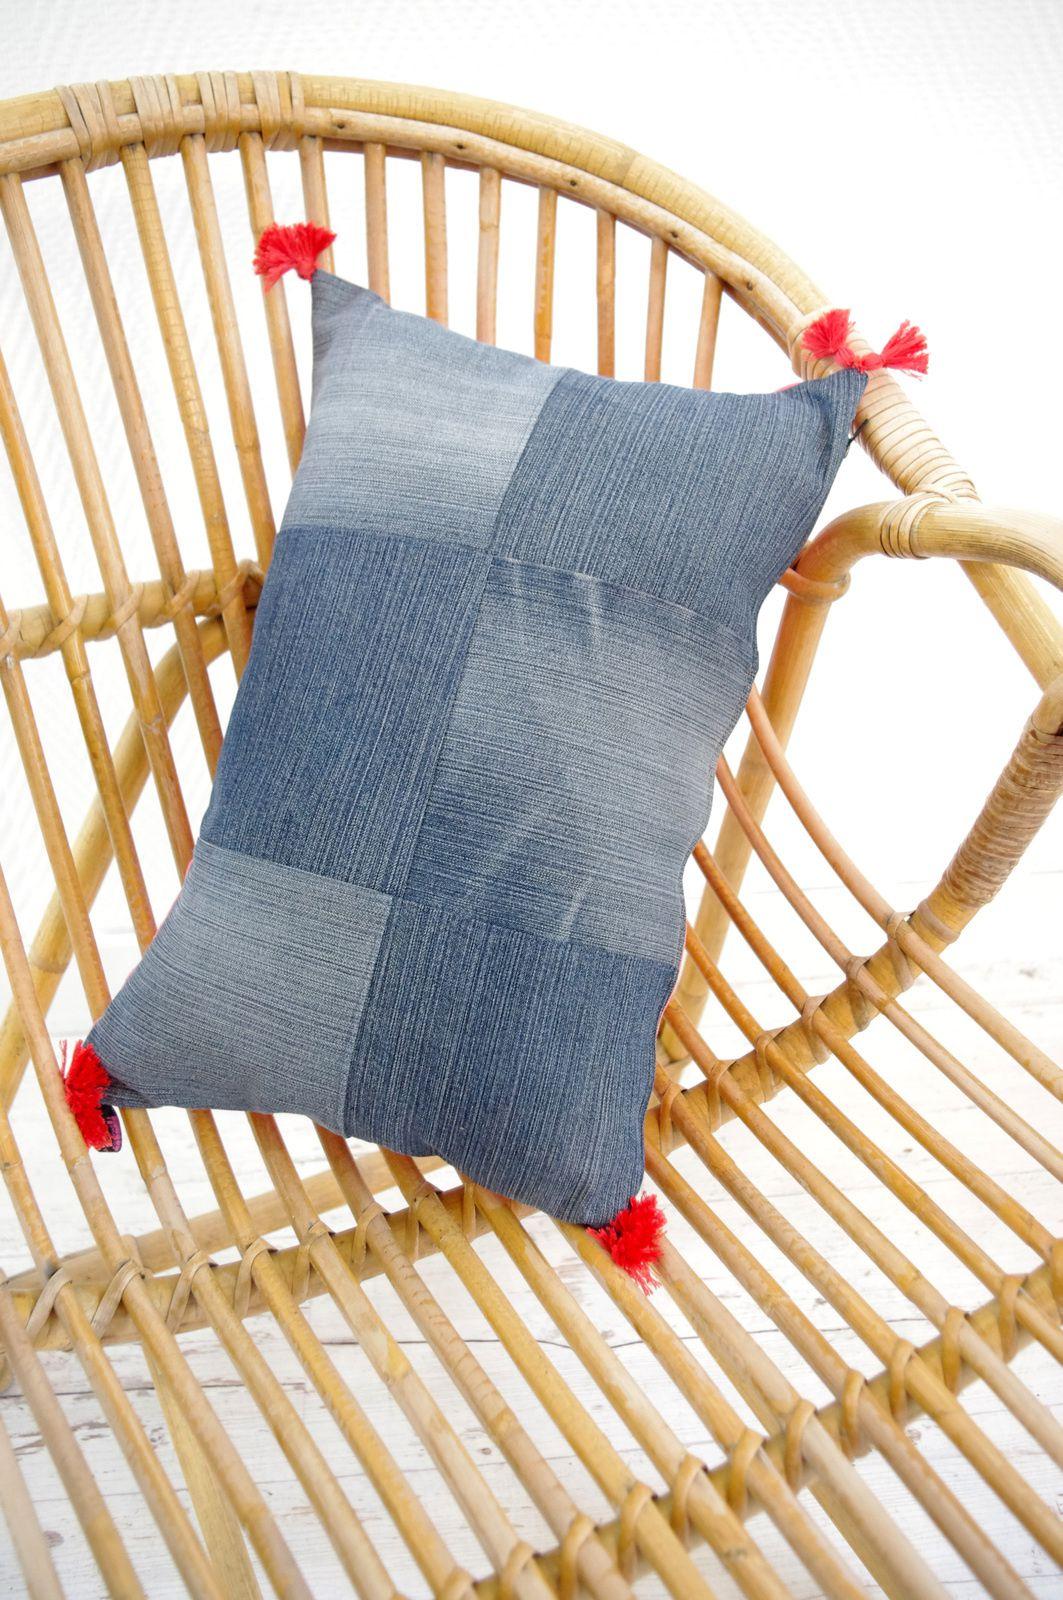 Coussins patchwork en jeans